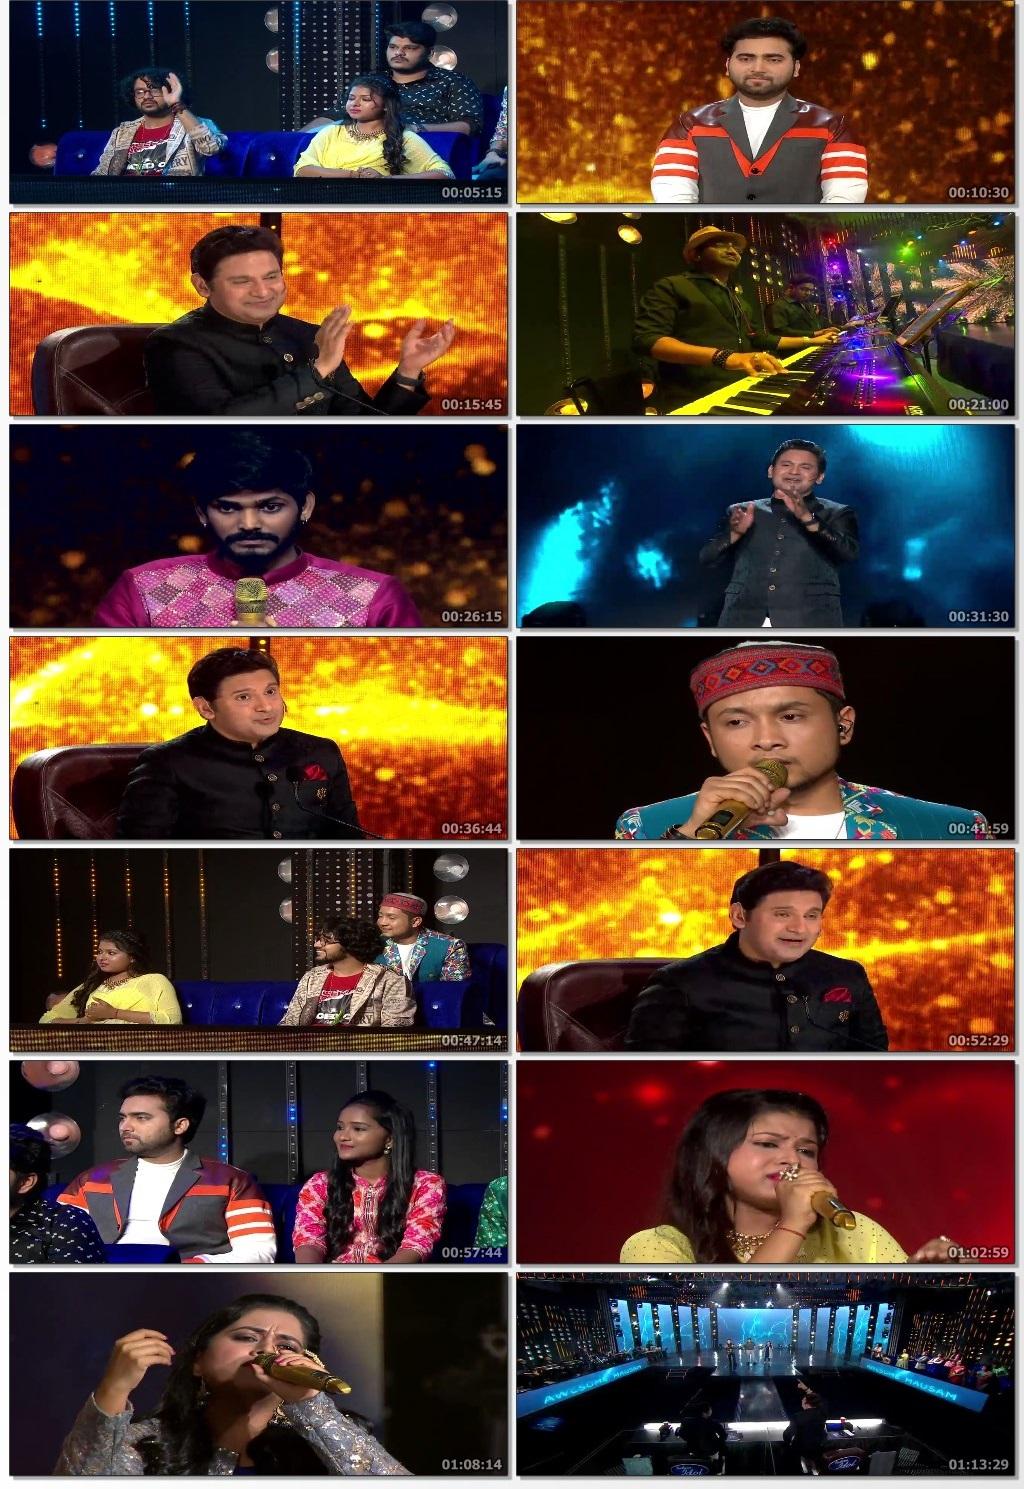 Indian-Idol-S12-2-May-2021-www-1kmovies-cyou-Hindi-Full-Show-720p-HDRip-540-MB-mkv-thumbs